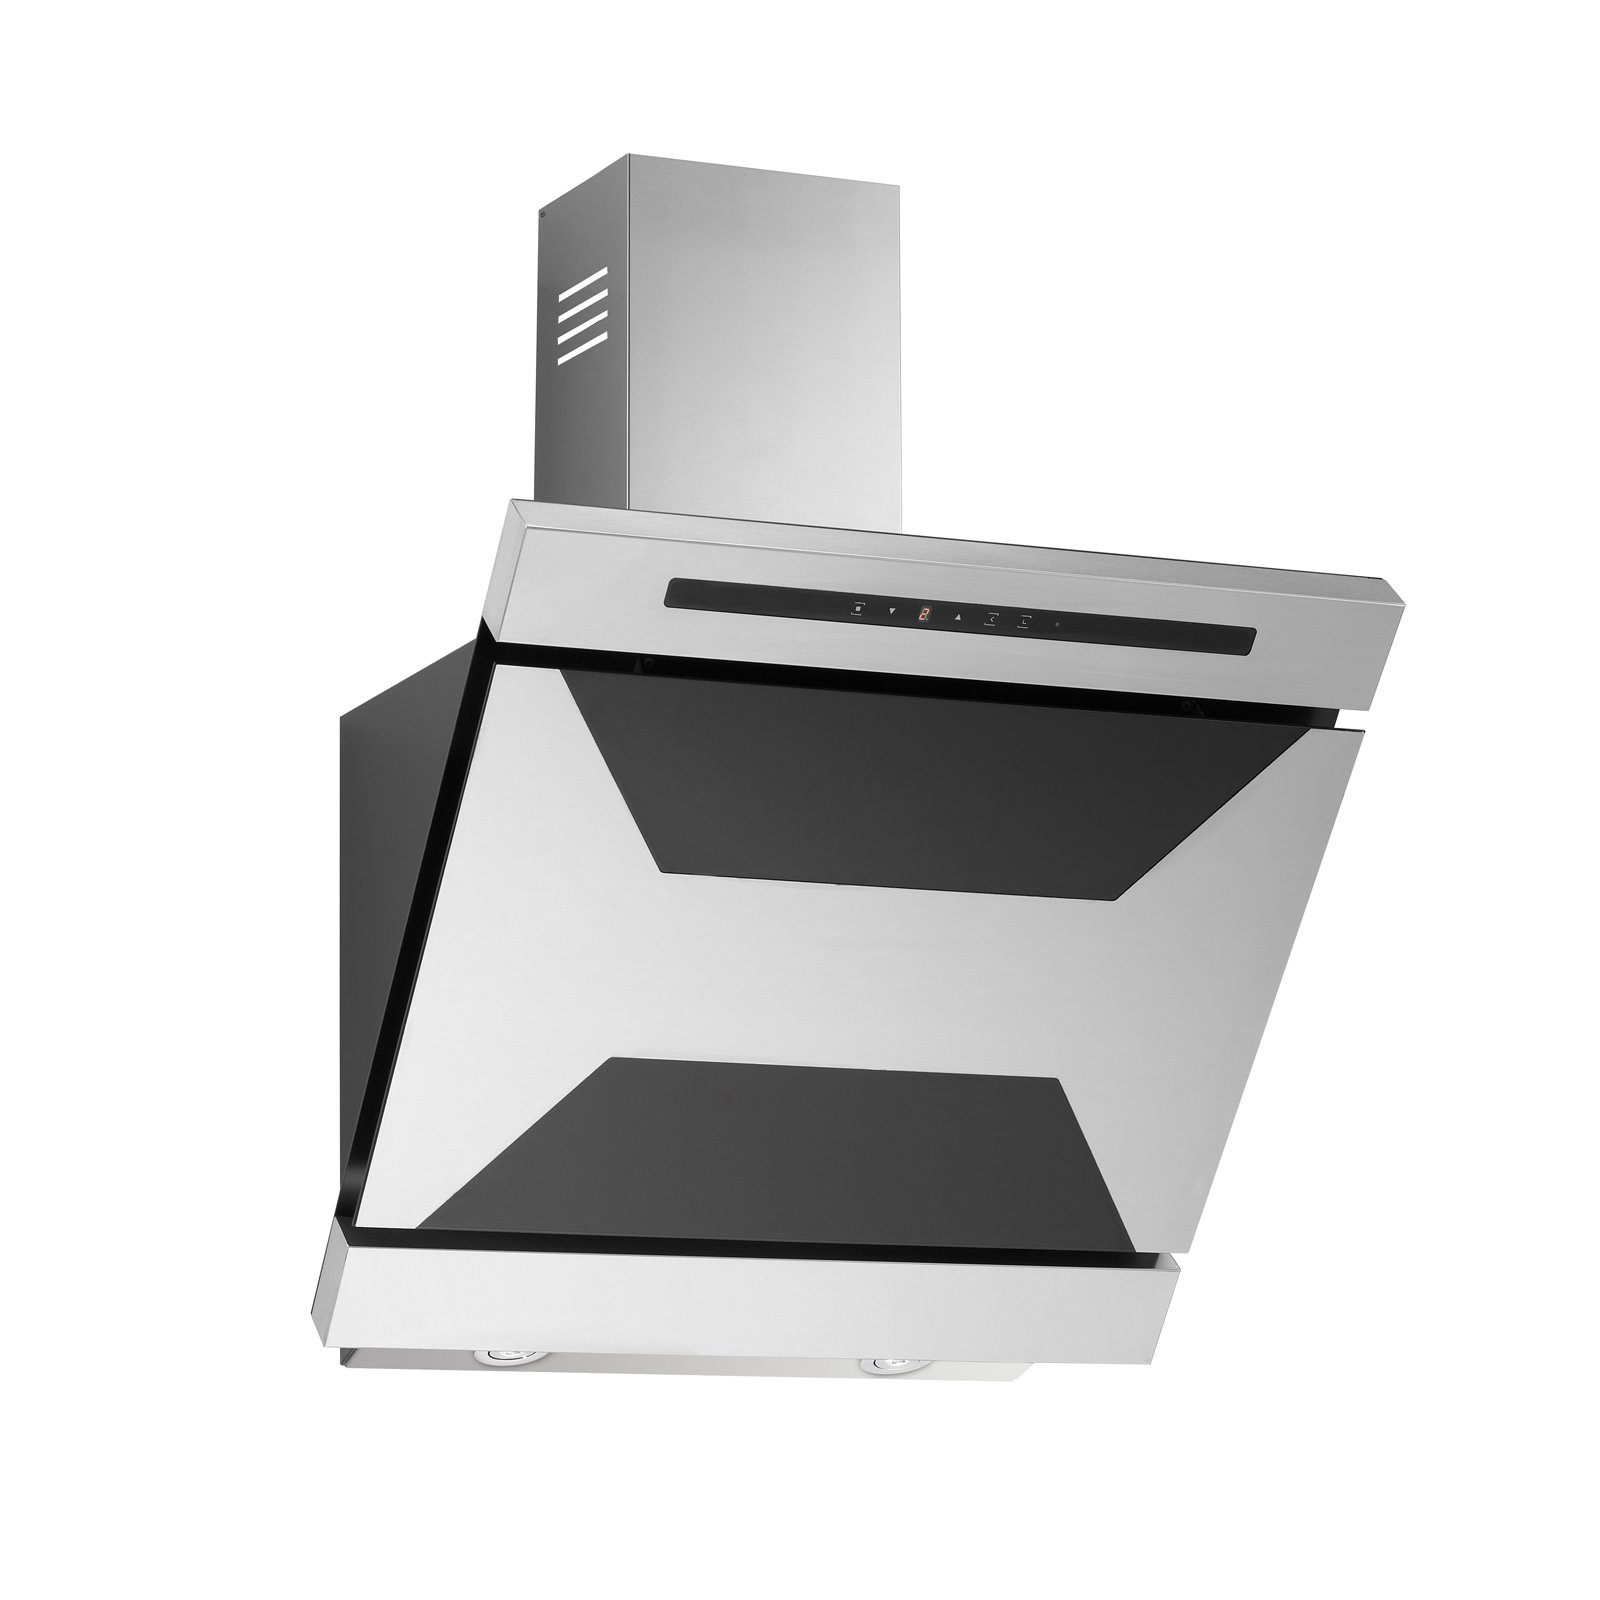 Campana extractora Viola de acero inoxidable y cristal, 60 cm, color negro: Amazon.es: Grandes electrodomésticos